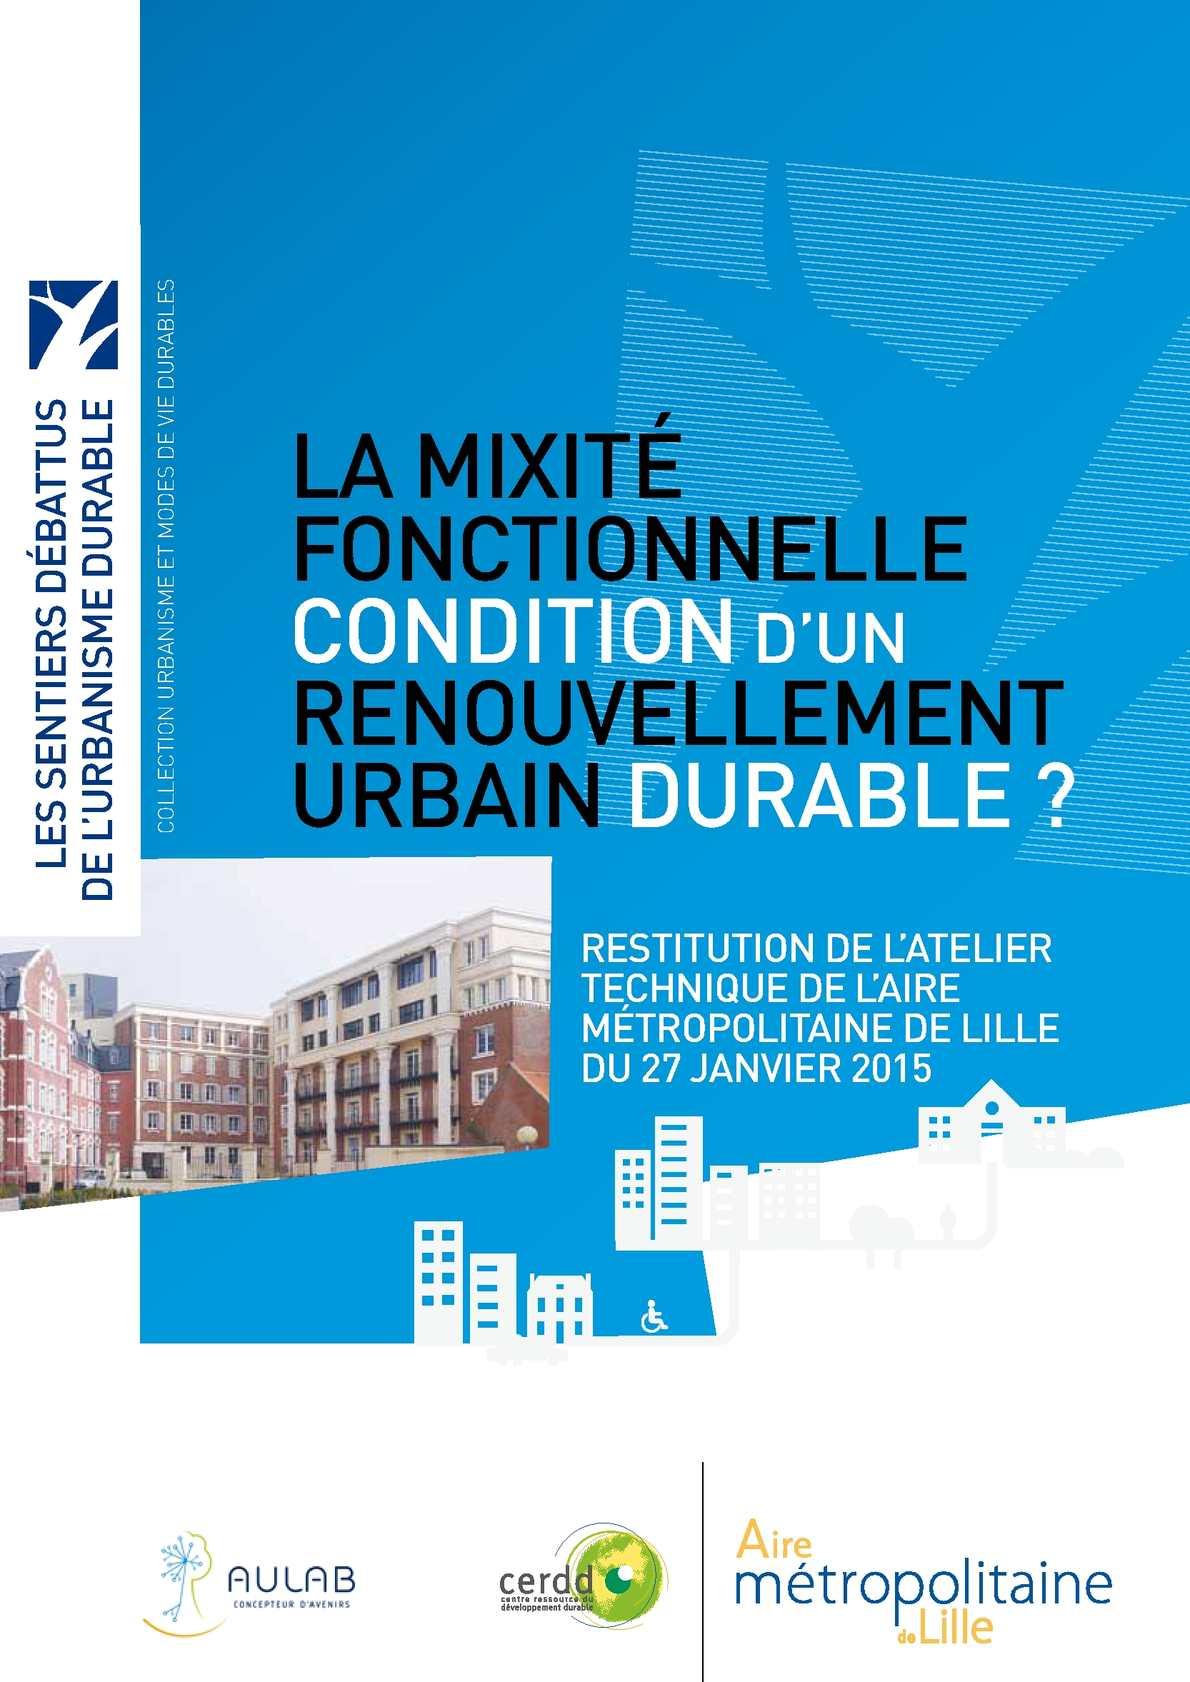 La mixité fonctionnelle condition d'un renouvellement urbain durable ?